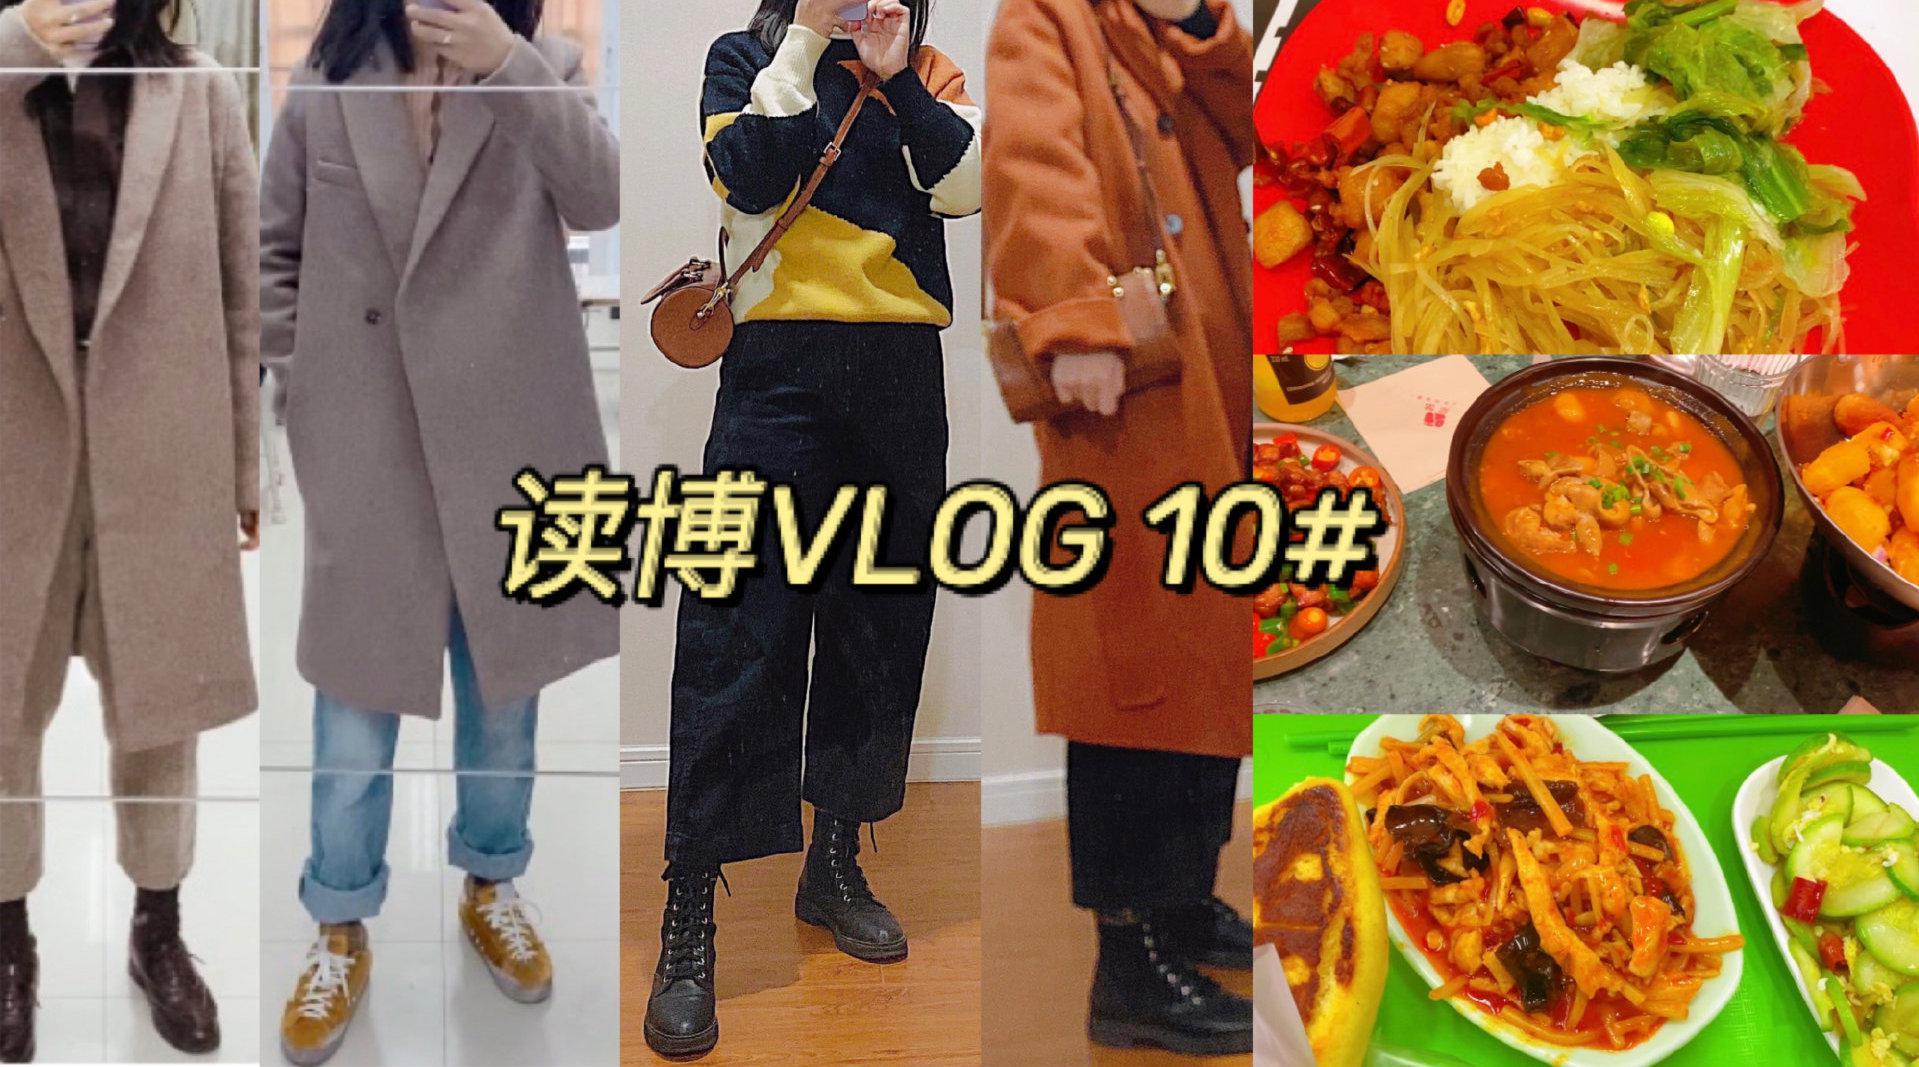 【法大VLOG】博士生日常|上课|秋穿搭|见编剧制片人|美食